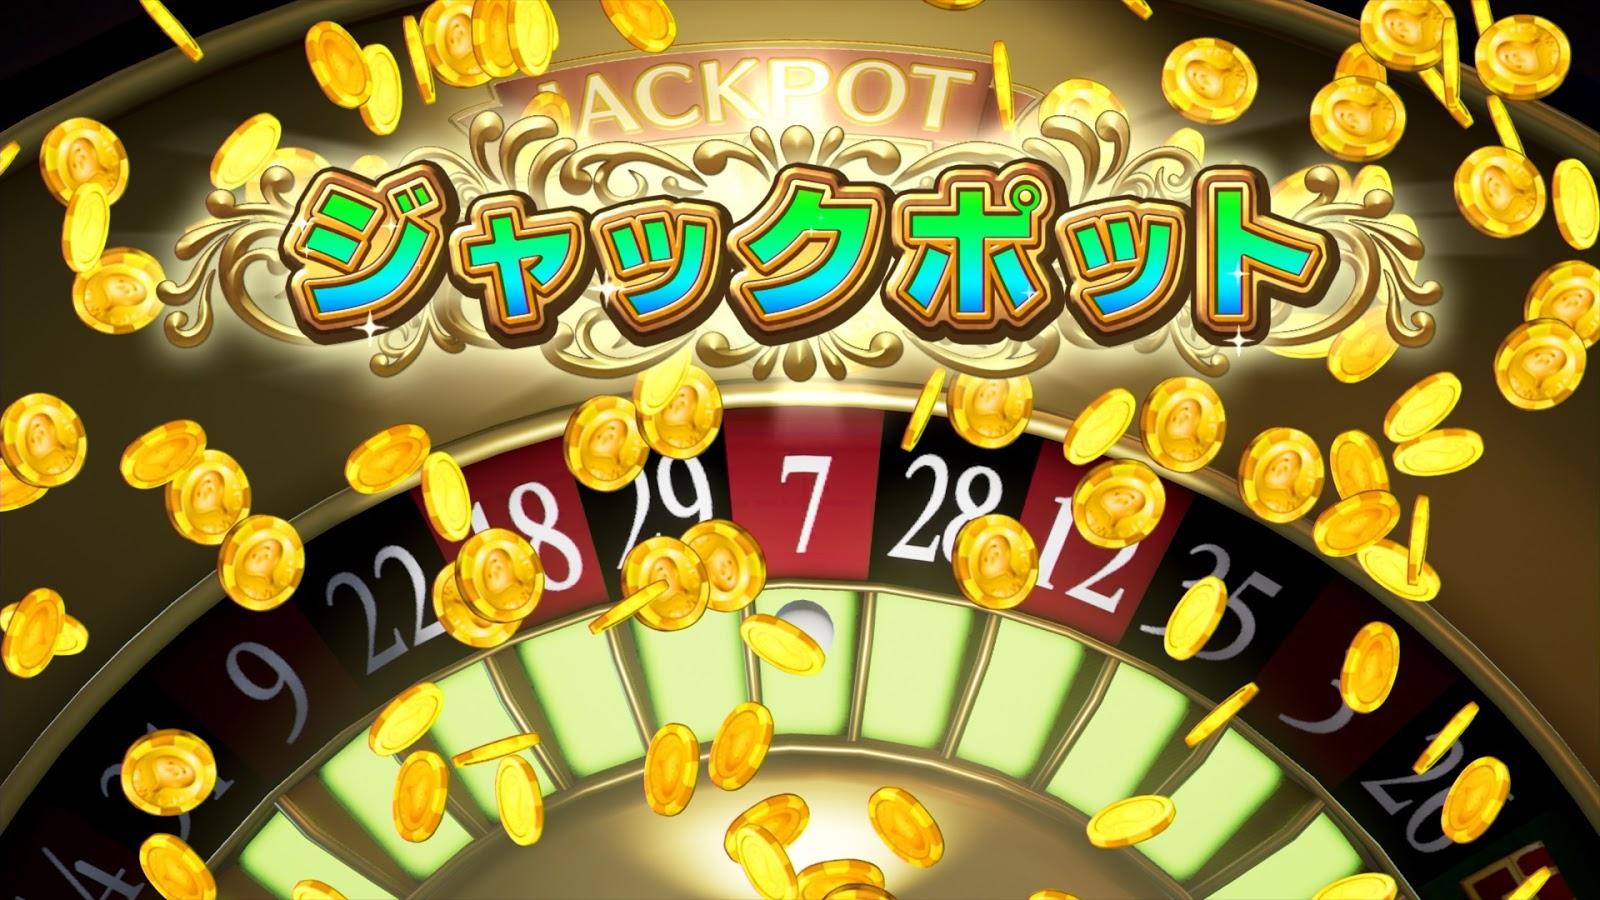 【DQ11/ドラクエ11】ルーレットのジャックポットの出し方、絶対的な確率で出す工夫とコツ【カジノ攻略】